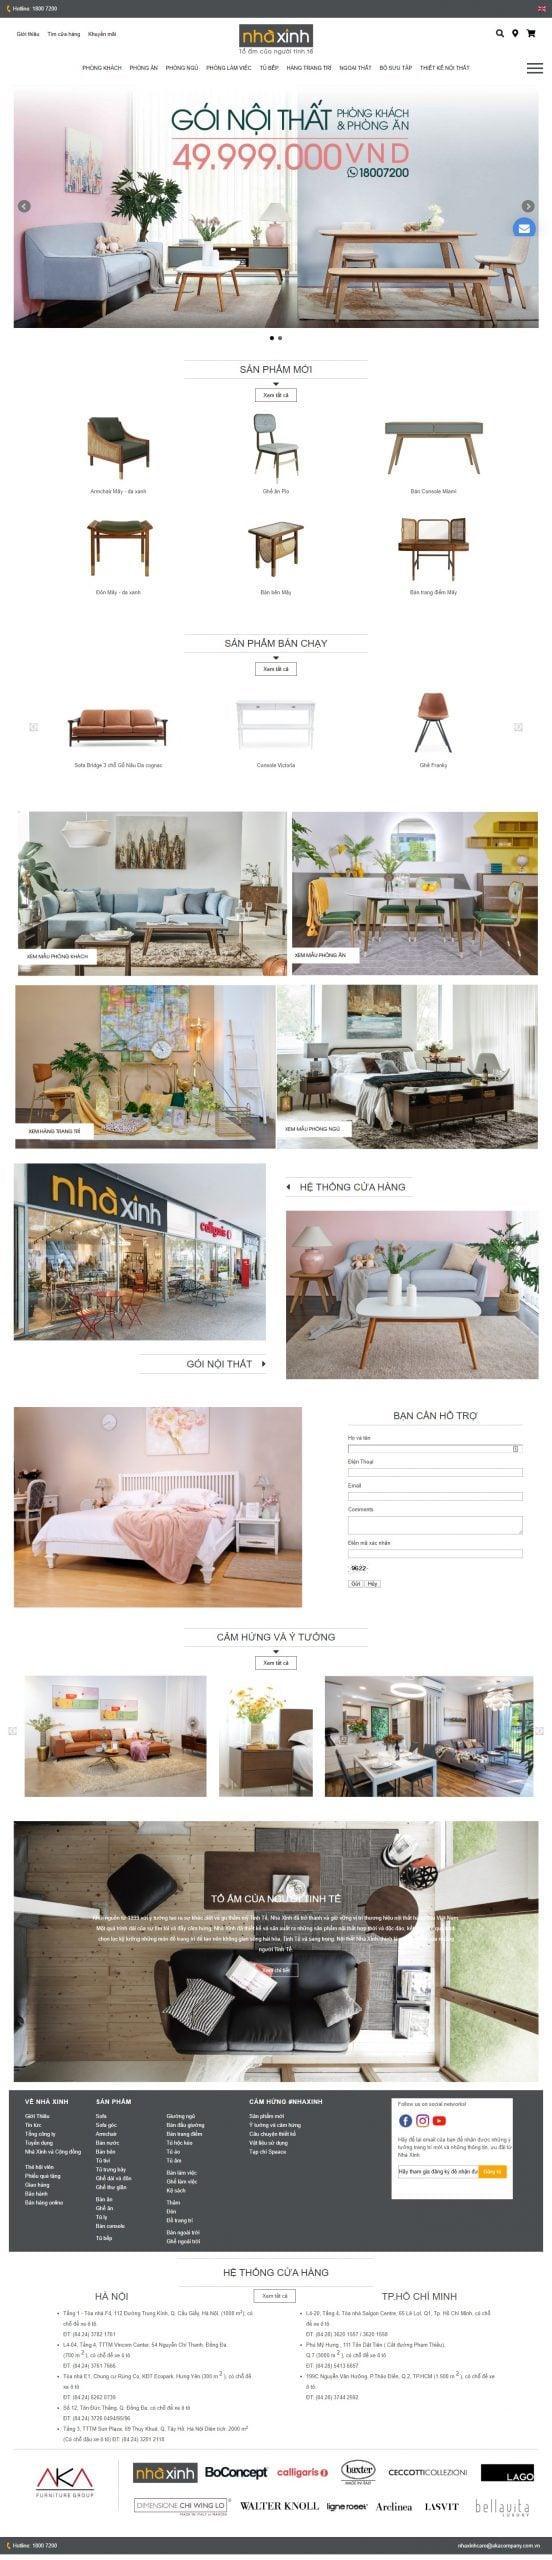 Mẫu thiết kế website bán hàng – www.nhaxinh.com Nội thất Nhà Xinh – Nội thất cao cấp – Đồ gỗ cao cấp